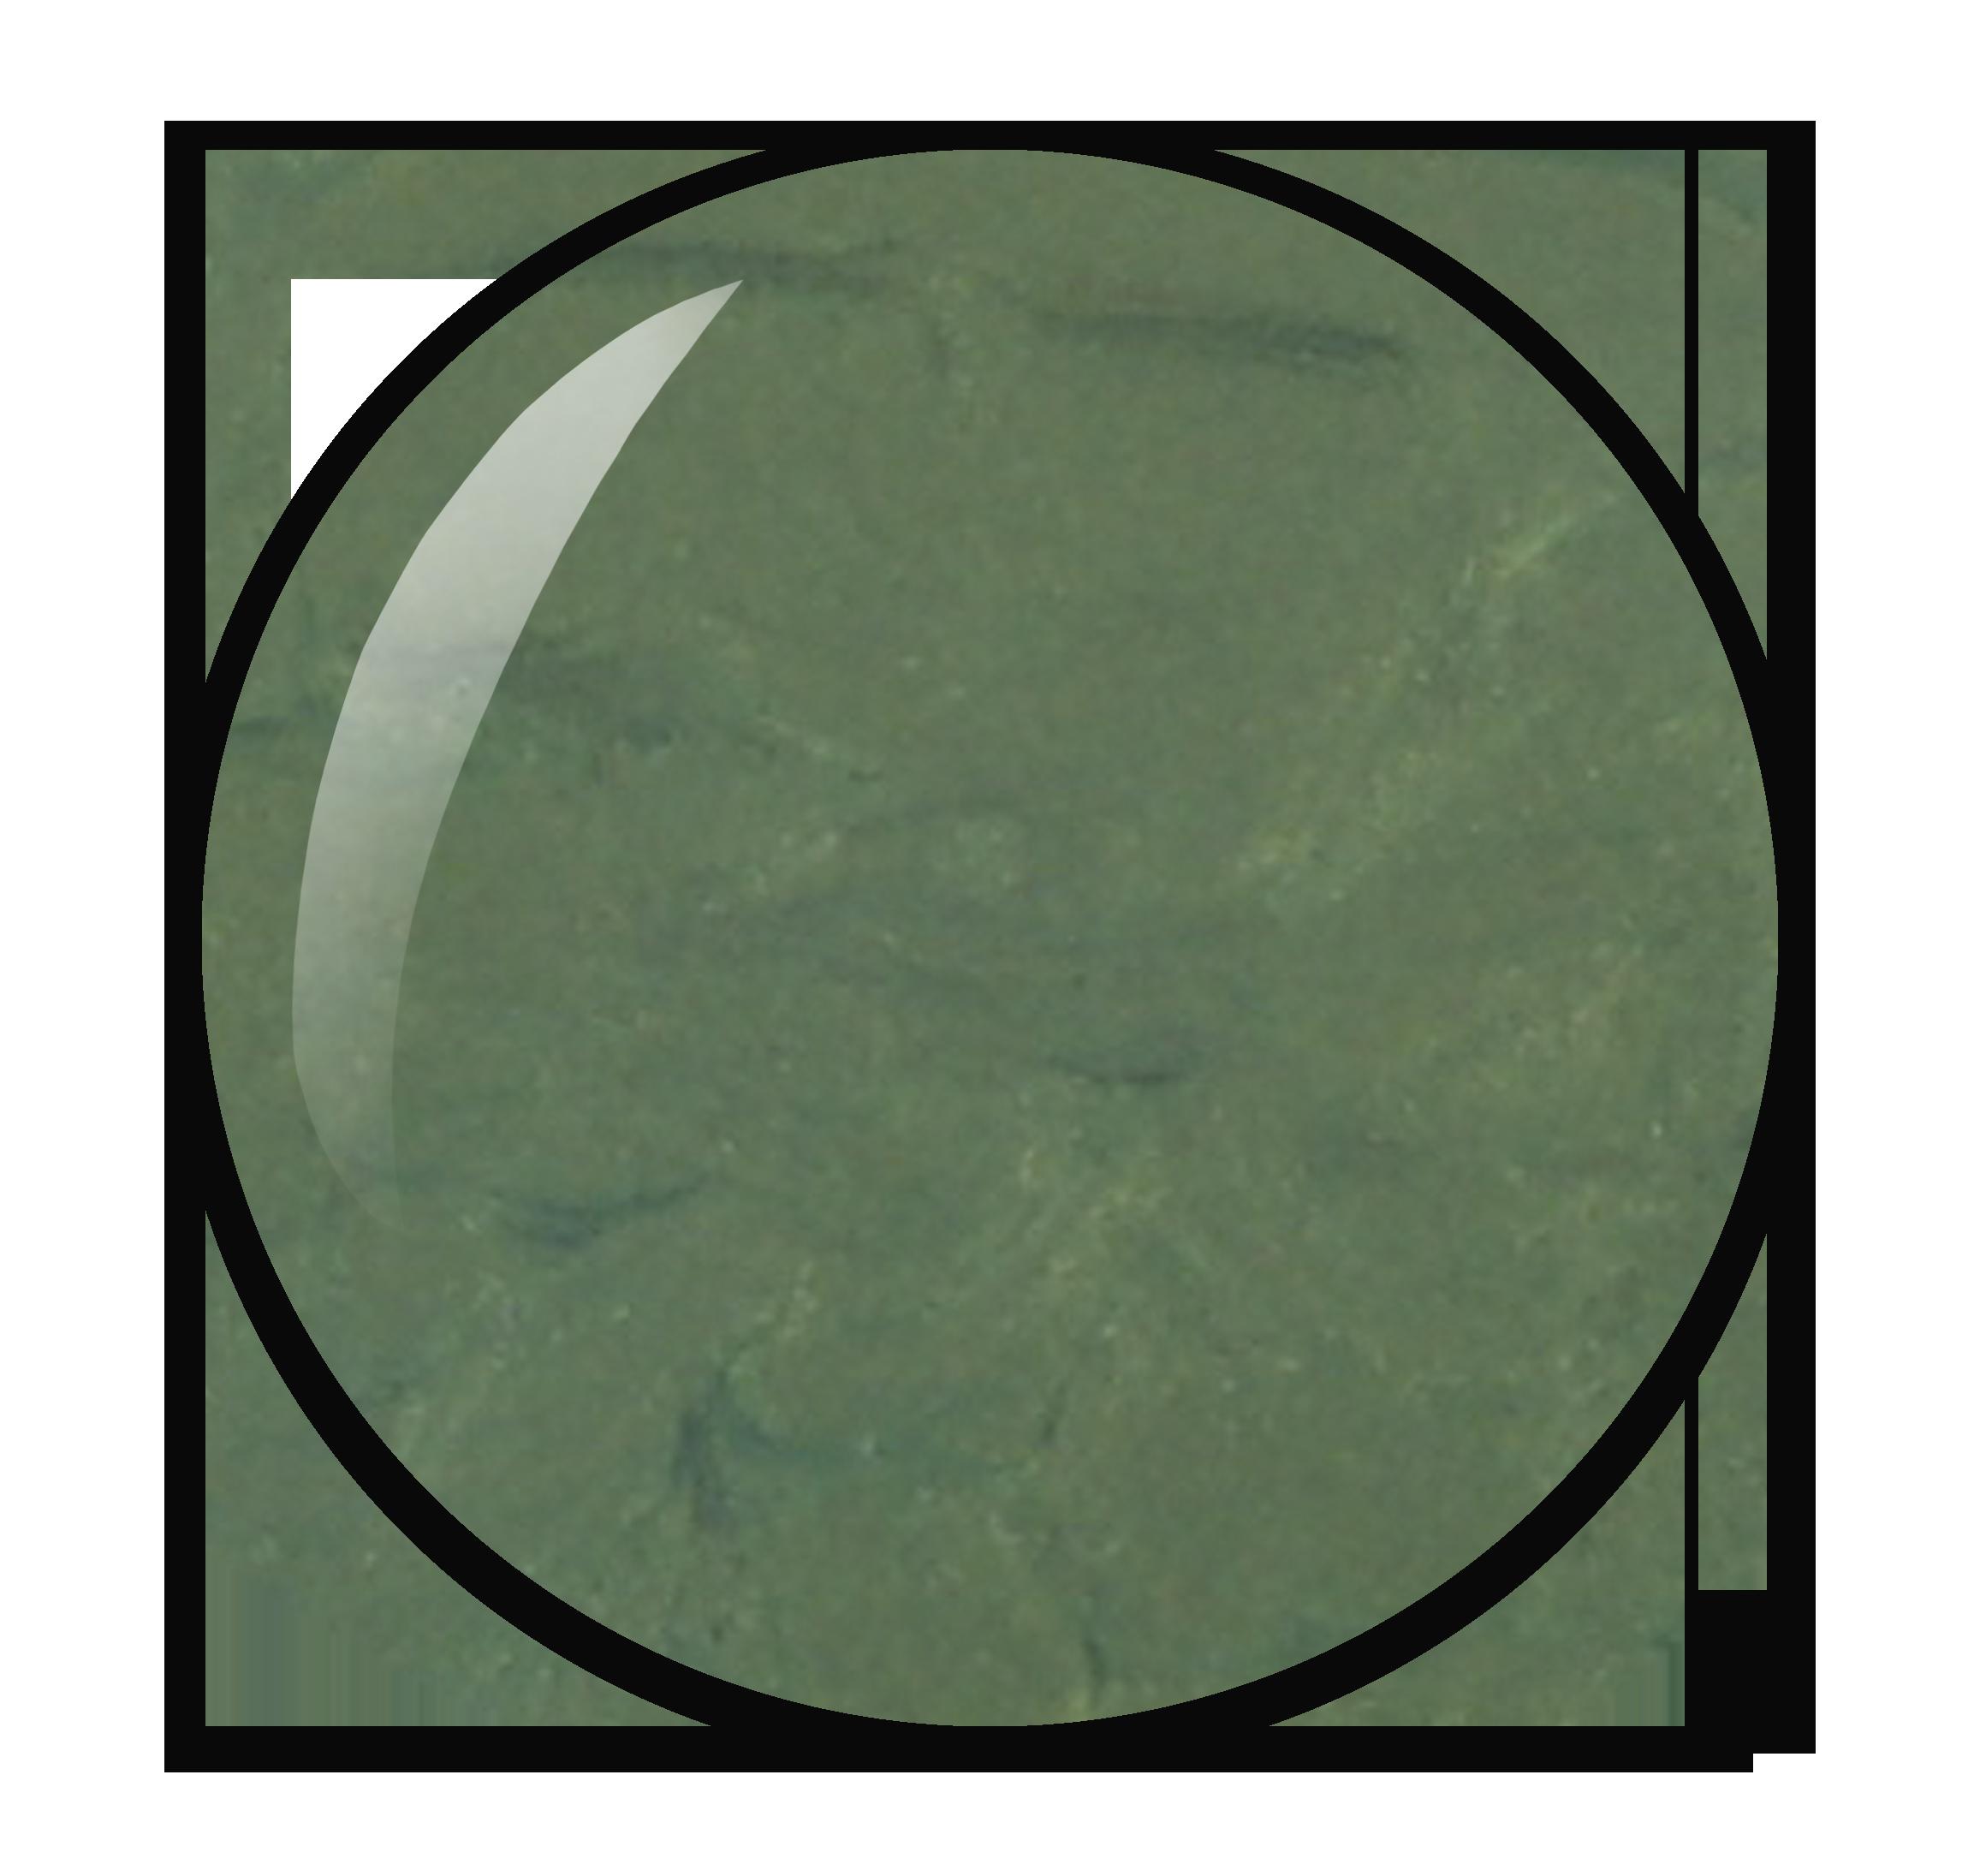 Metallic groene nagellak kleur nummer 62 uit de Herôme nagellak collectie